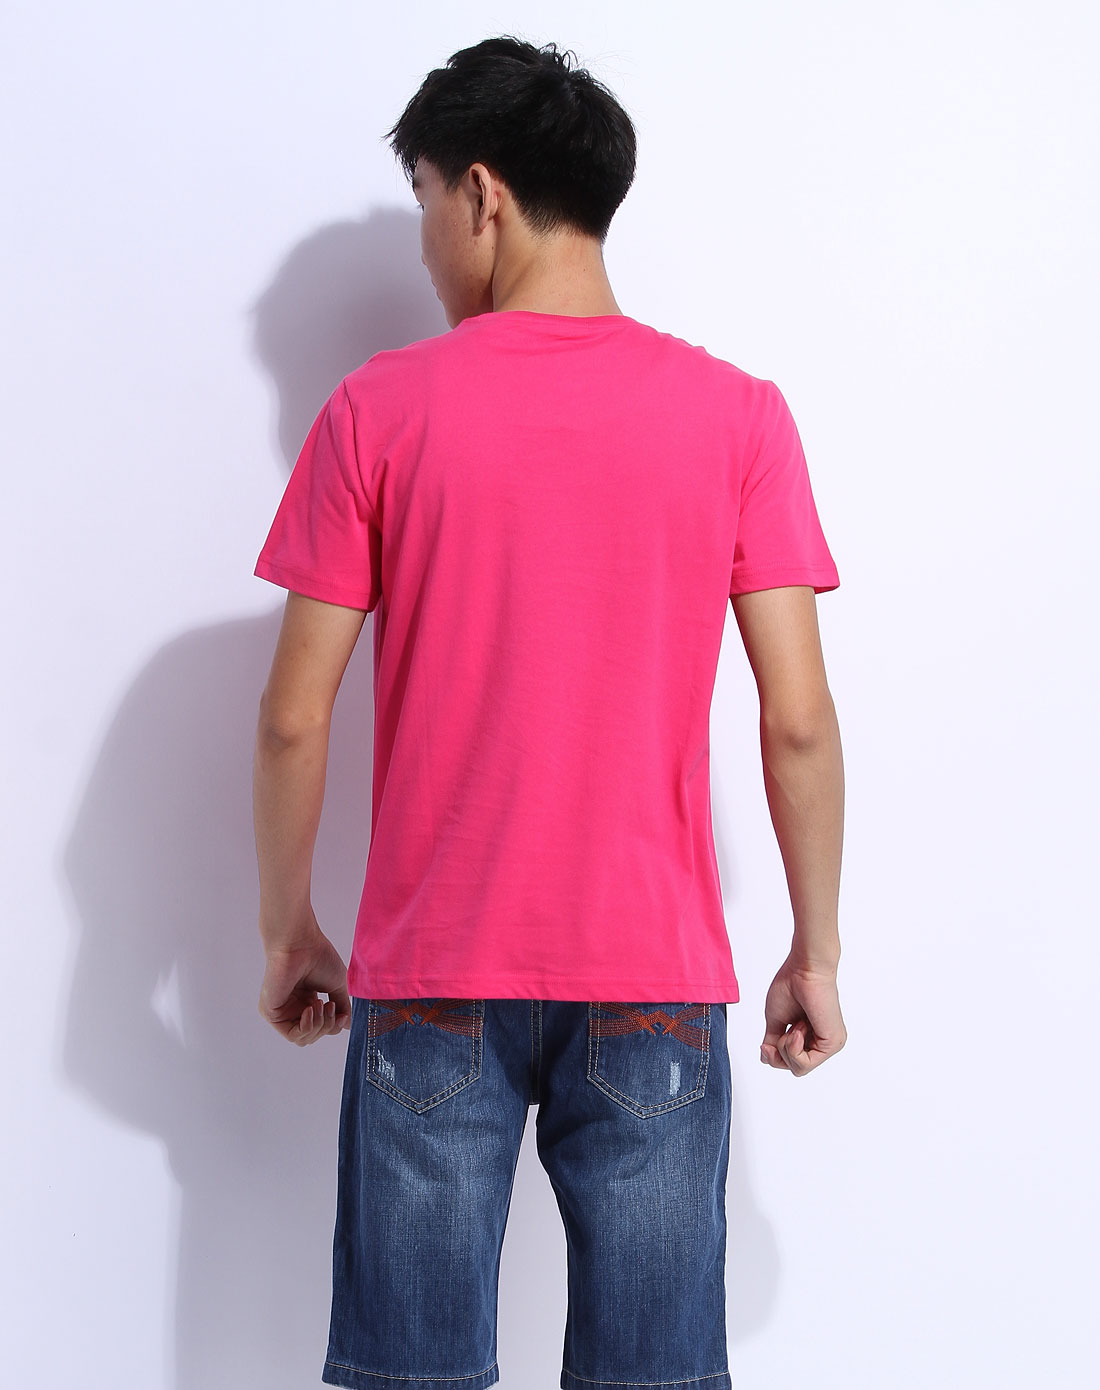 森马男装专场-桃红色短袖休闲t恤图片